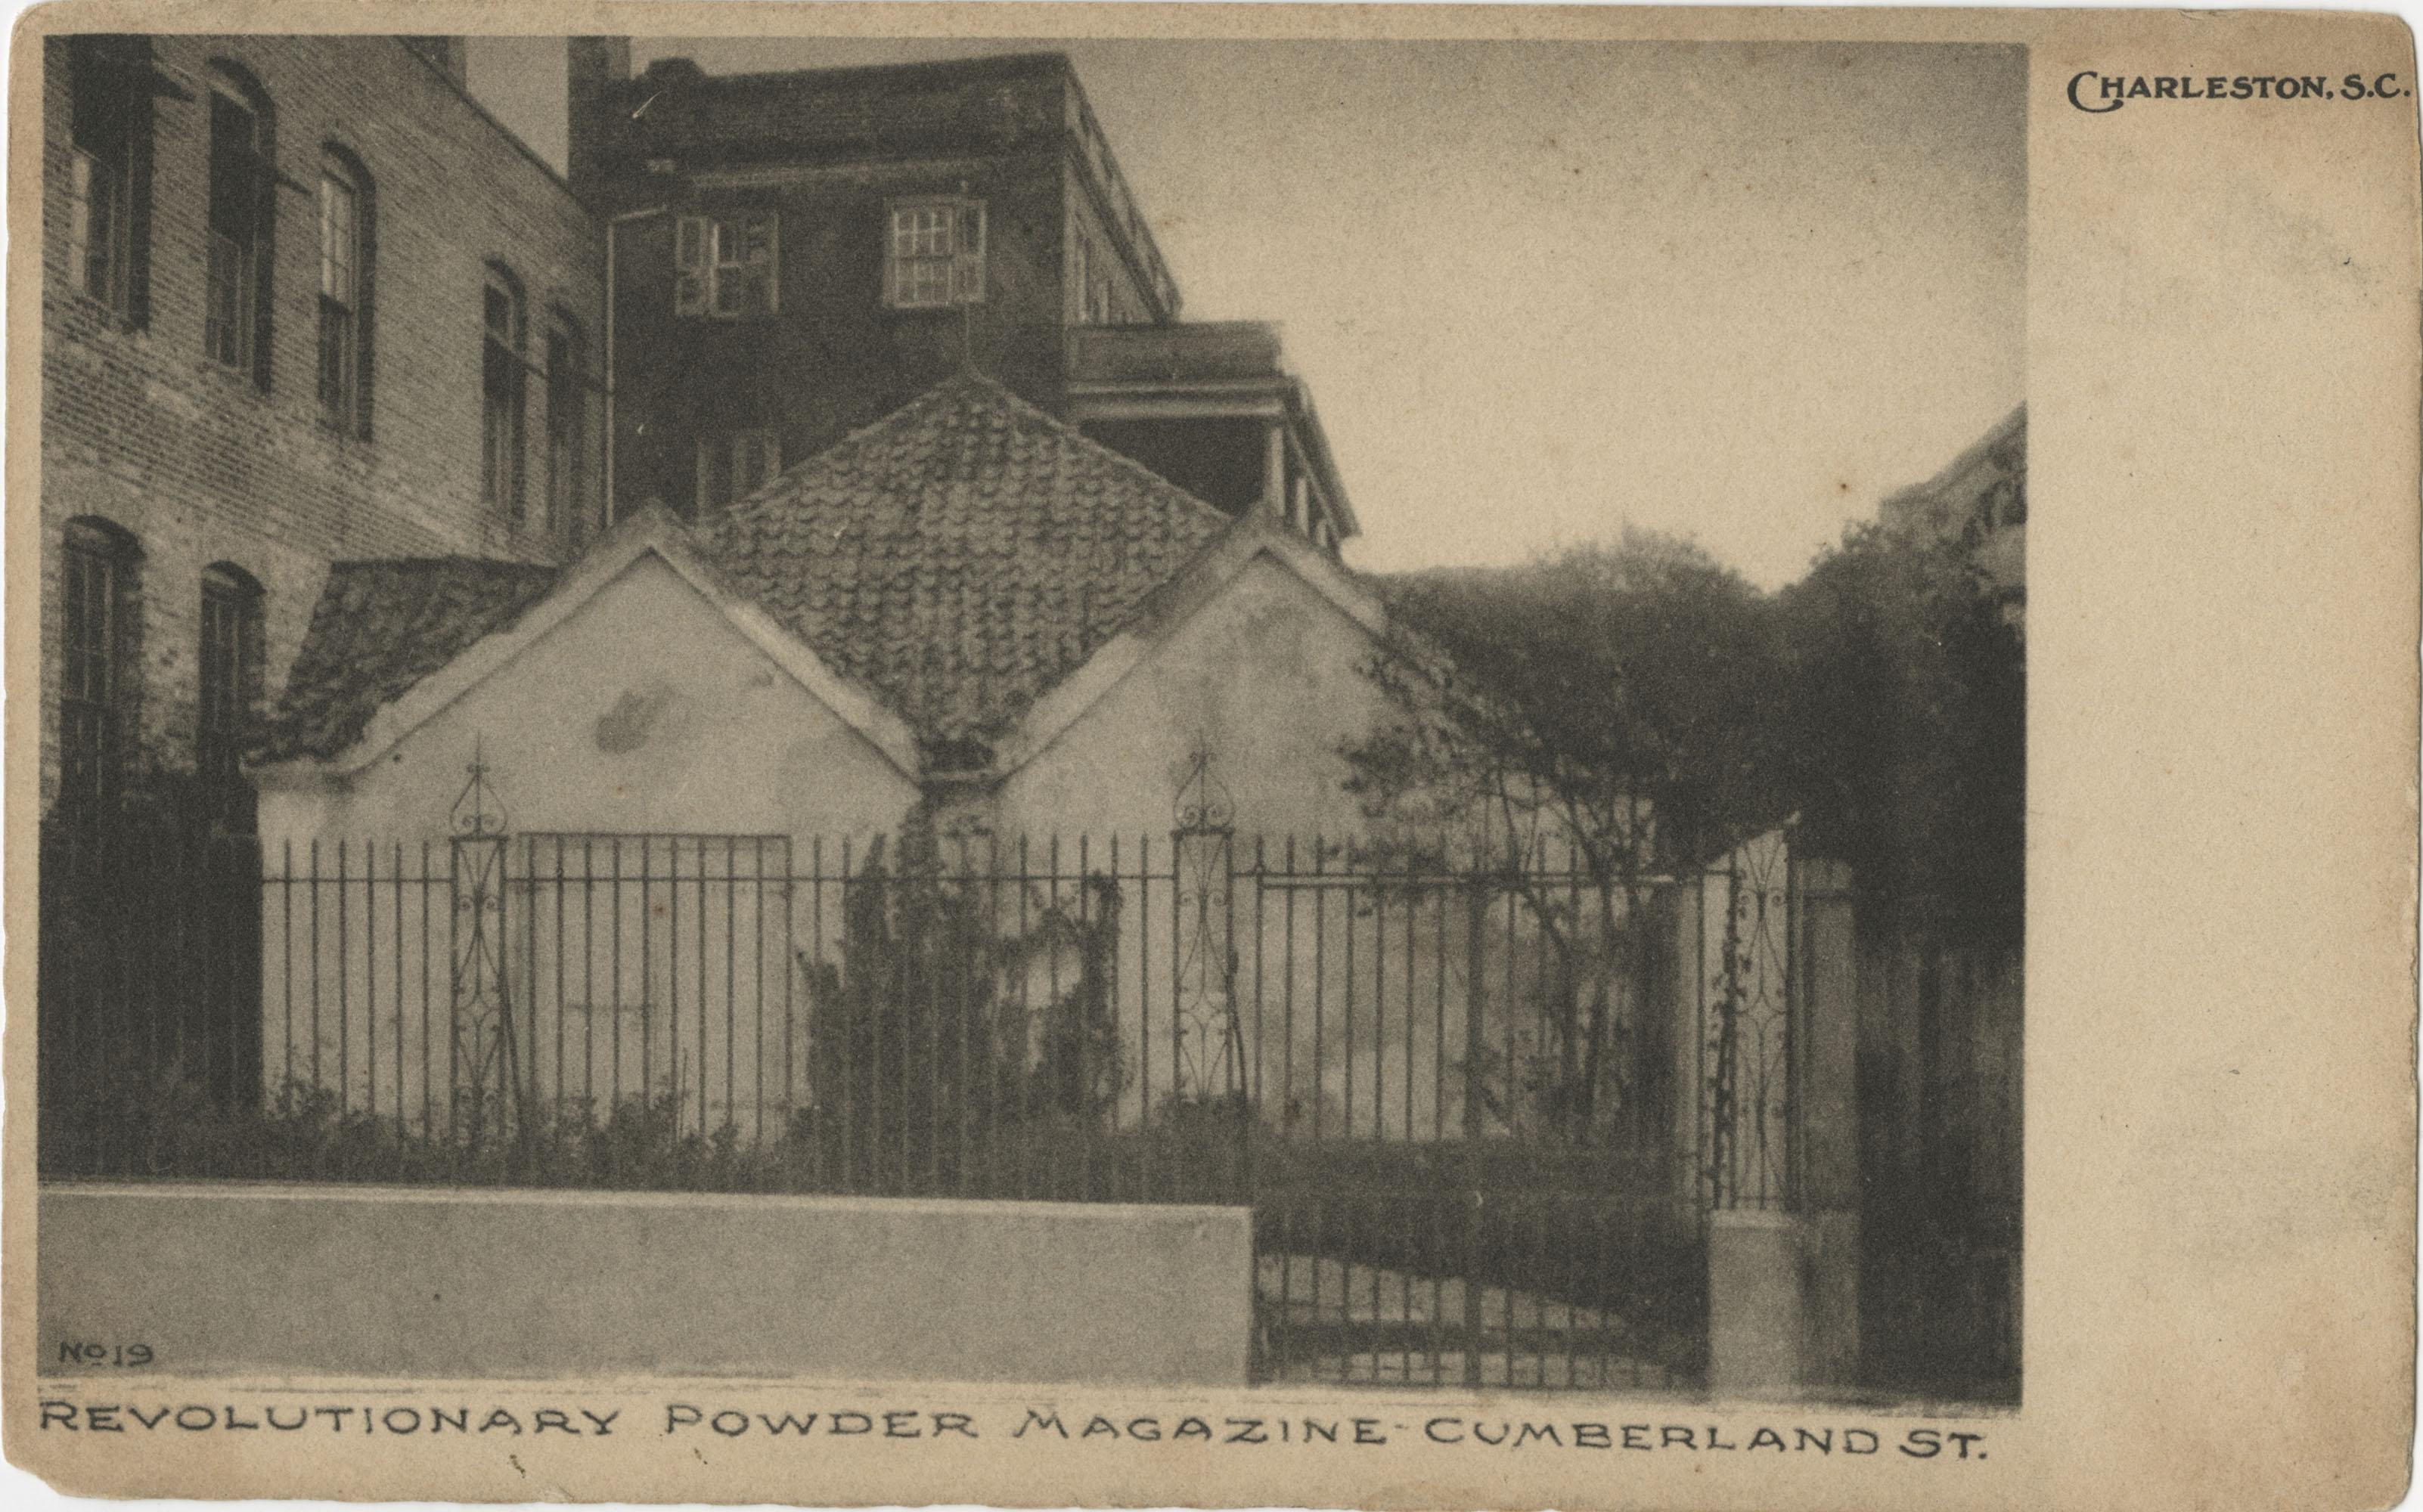 Revolutionary Powder Magazine Cumberland St. Charleston, S.C.